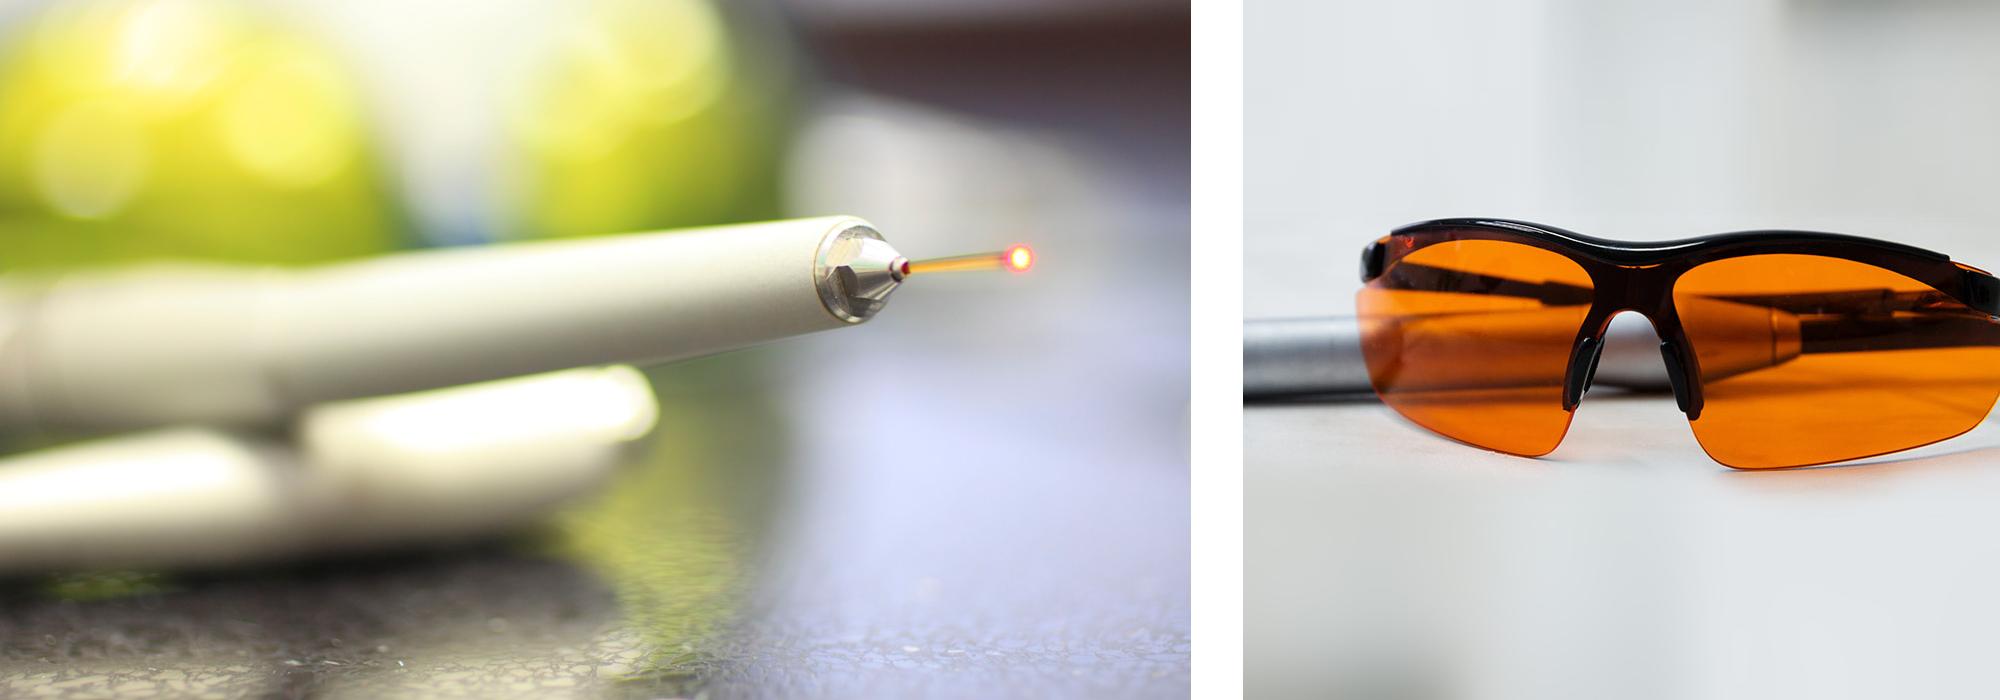 Zahnbehandlung Laser